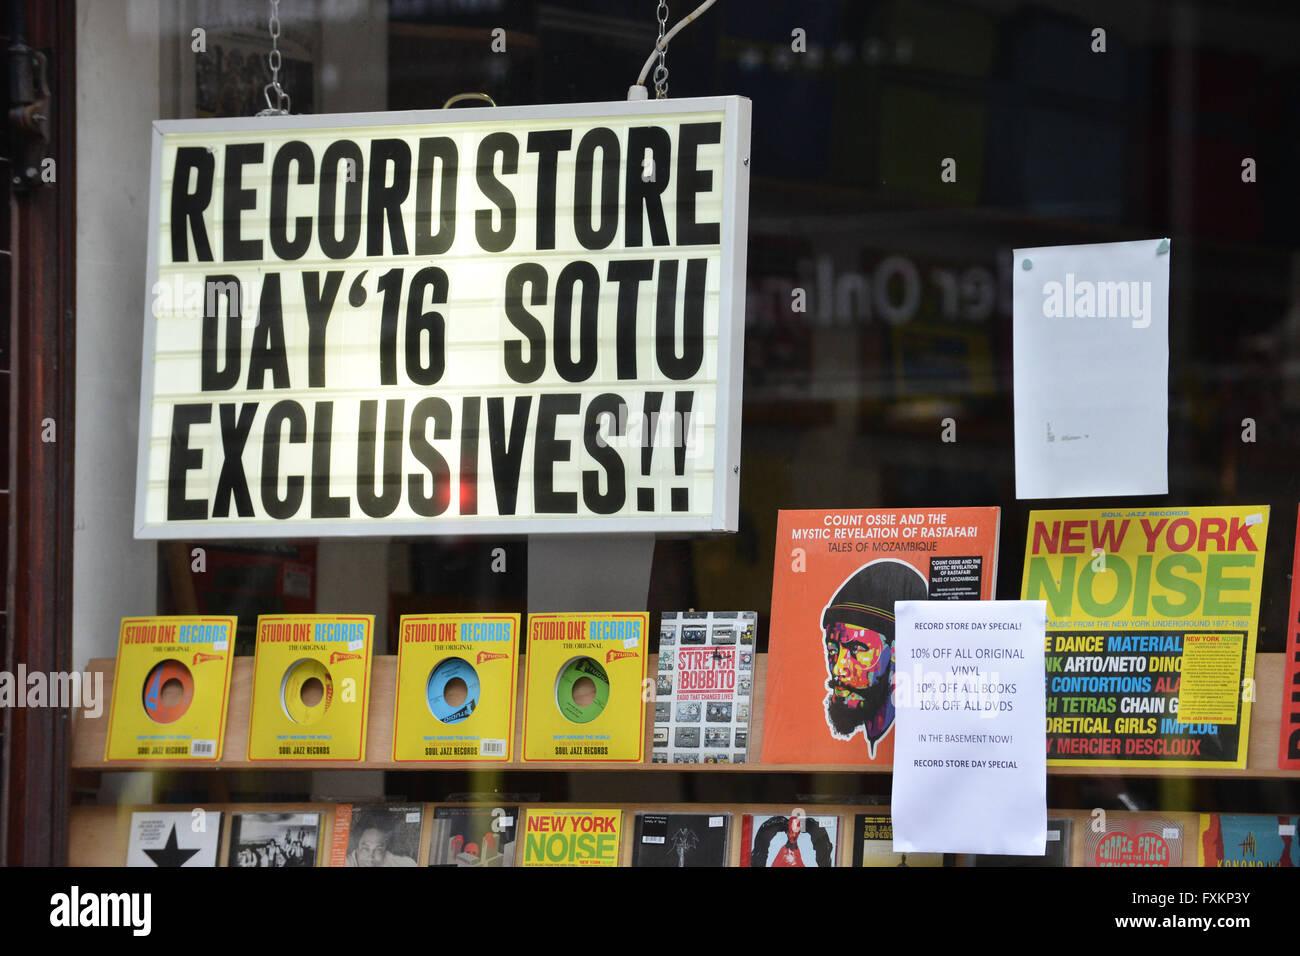 Soho, Londres, Reino Unido. 16 de abril de 2016. Los registros anuales Store Day, los coleccionistas de discos de Imagen De Stock